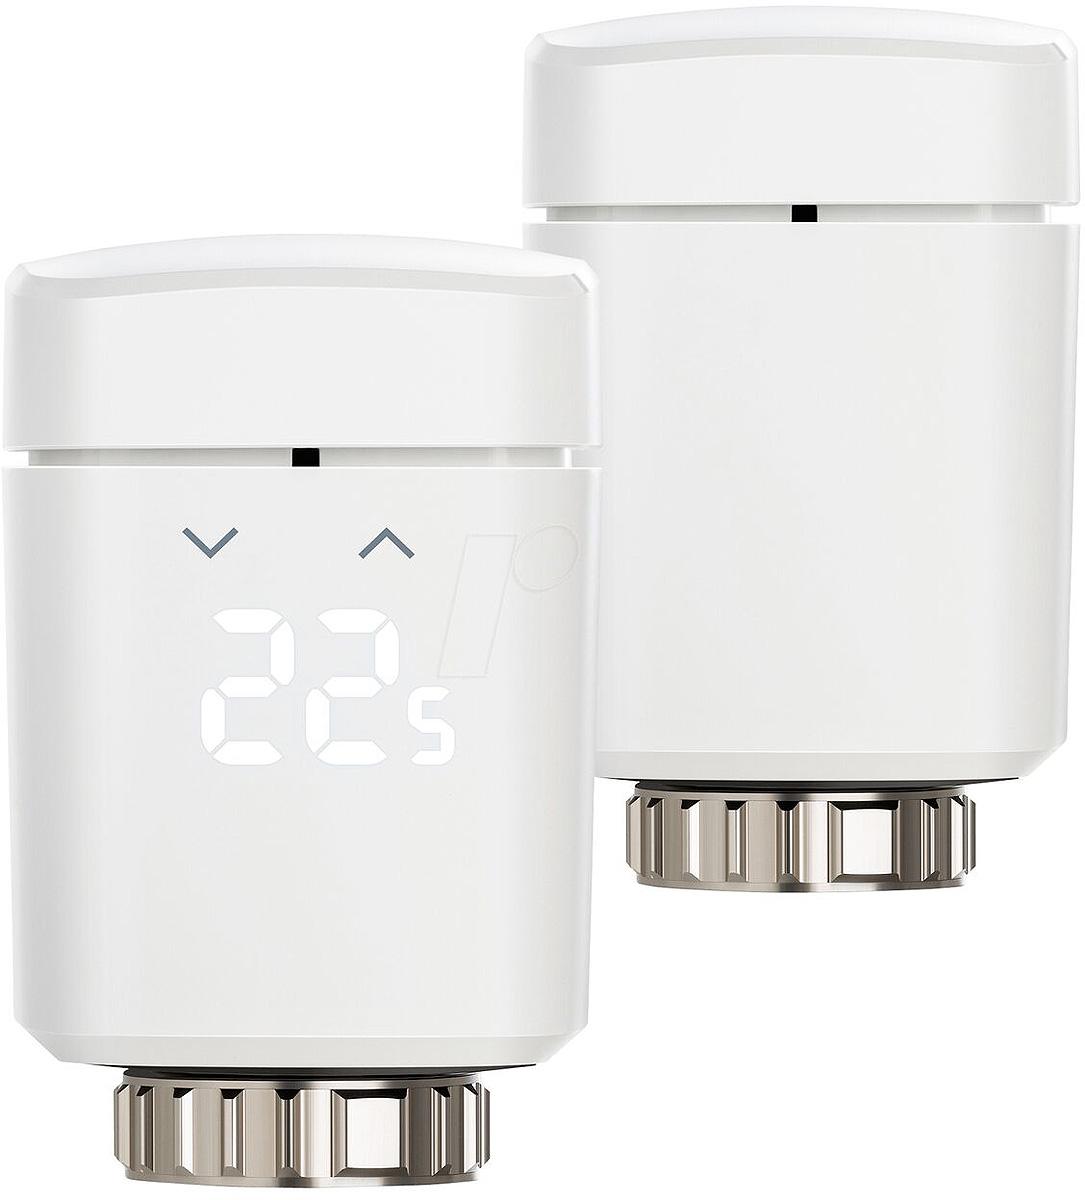 Elgato Eve Thermo 2017 набор термостатов для регулирования температуры комнатных радиаторов, 2 шт